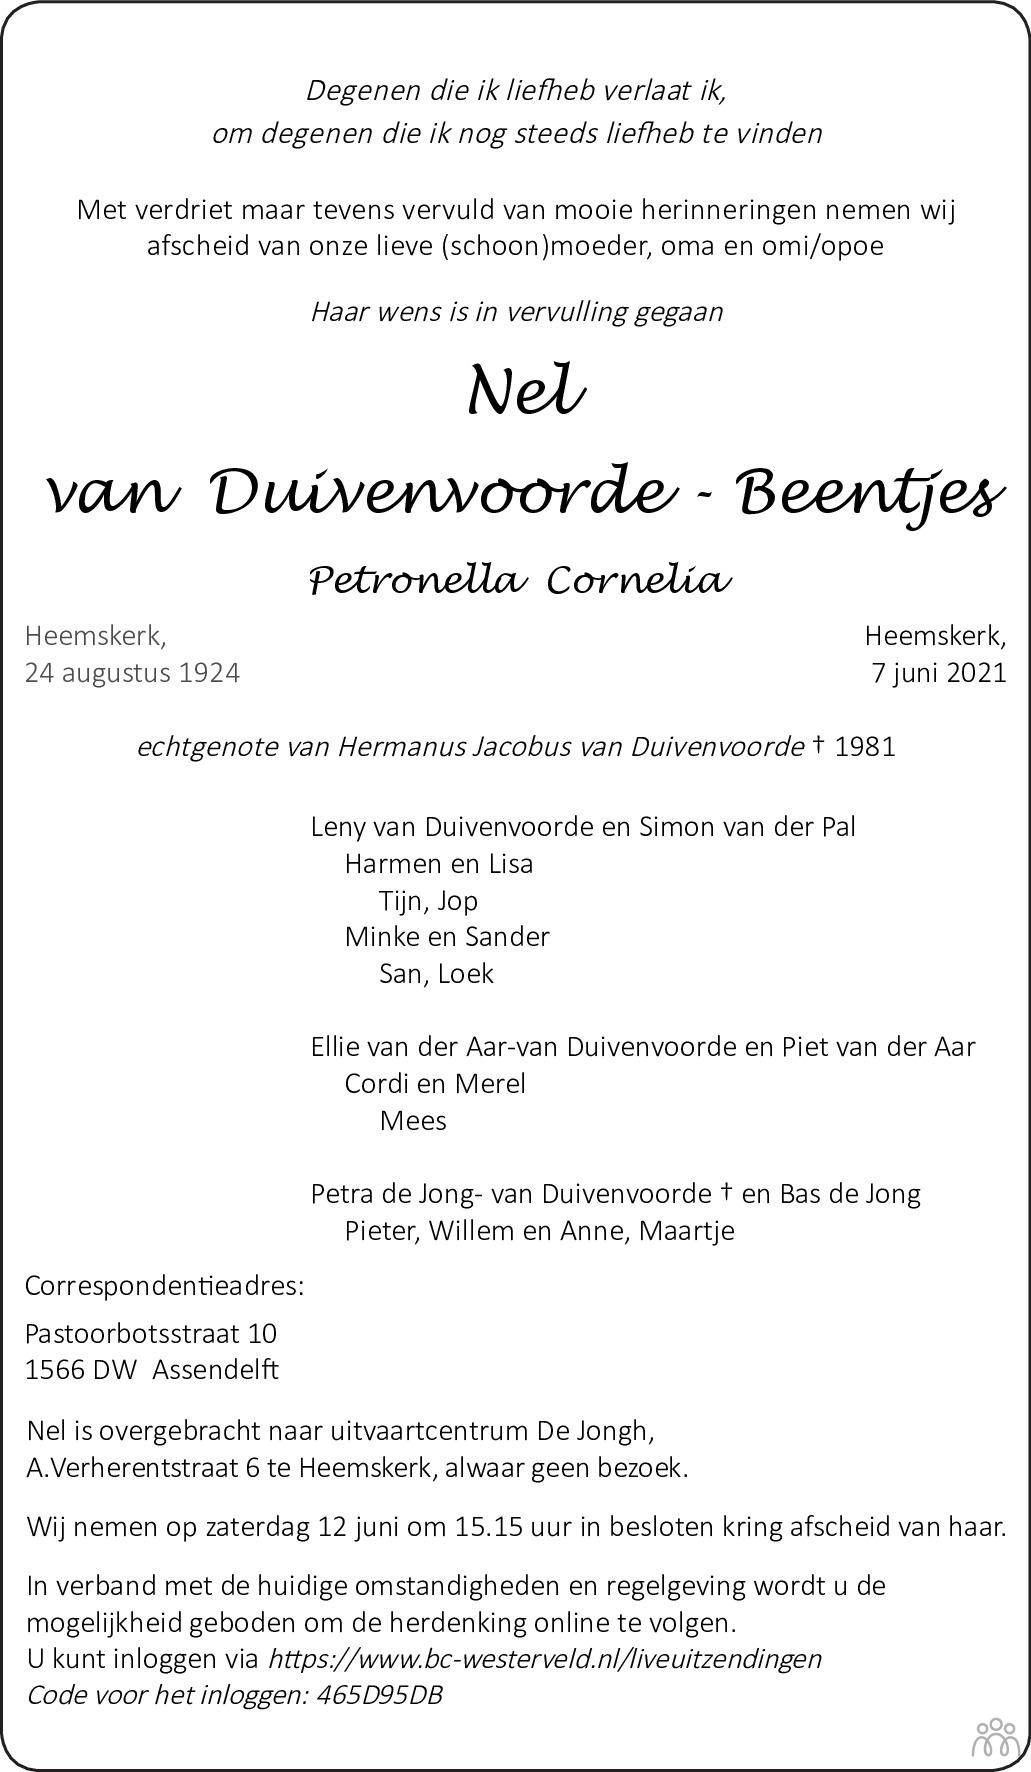 Overlijdensbericht van Nel (Petronella Cornelia) van Duivenvoorde - Beentjes in Dagblad Kennemerland